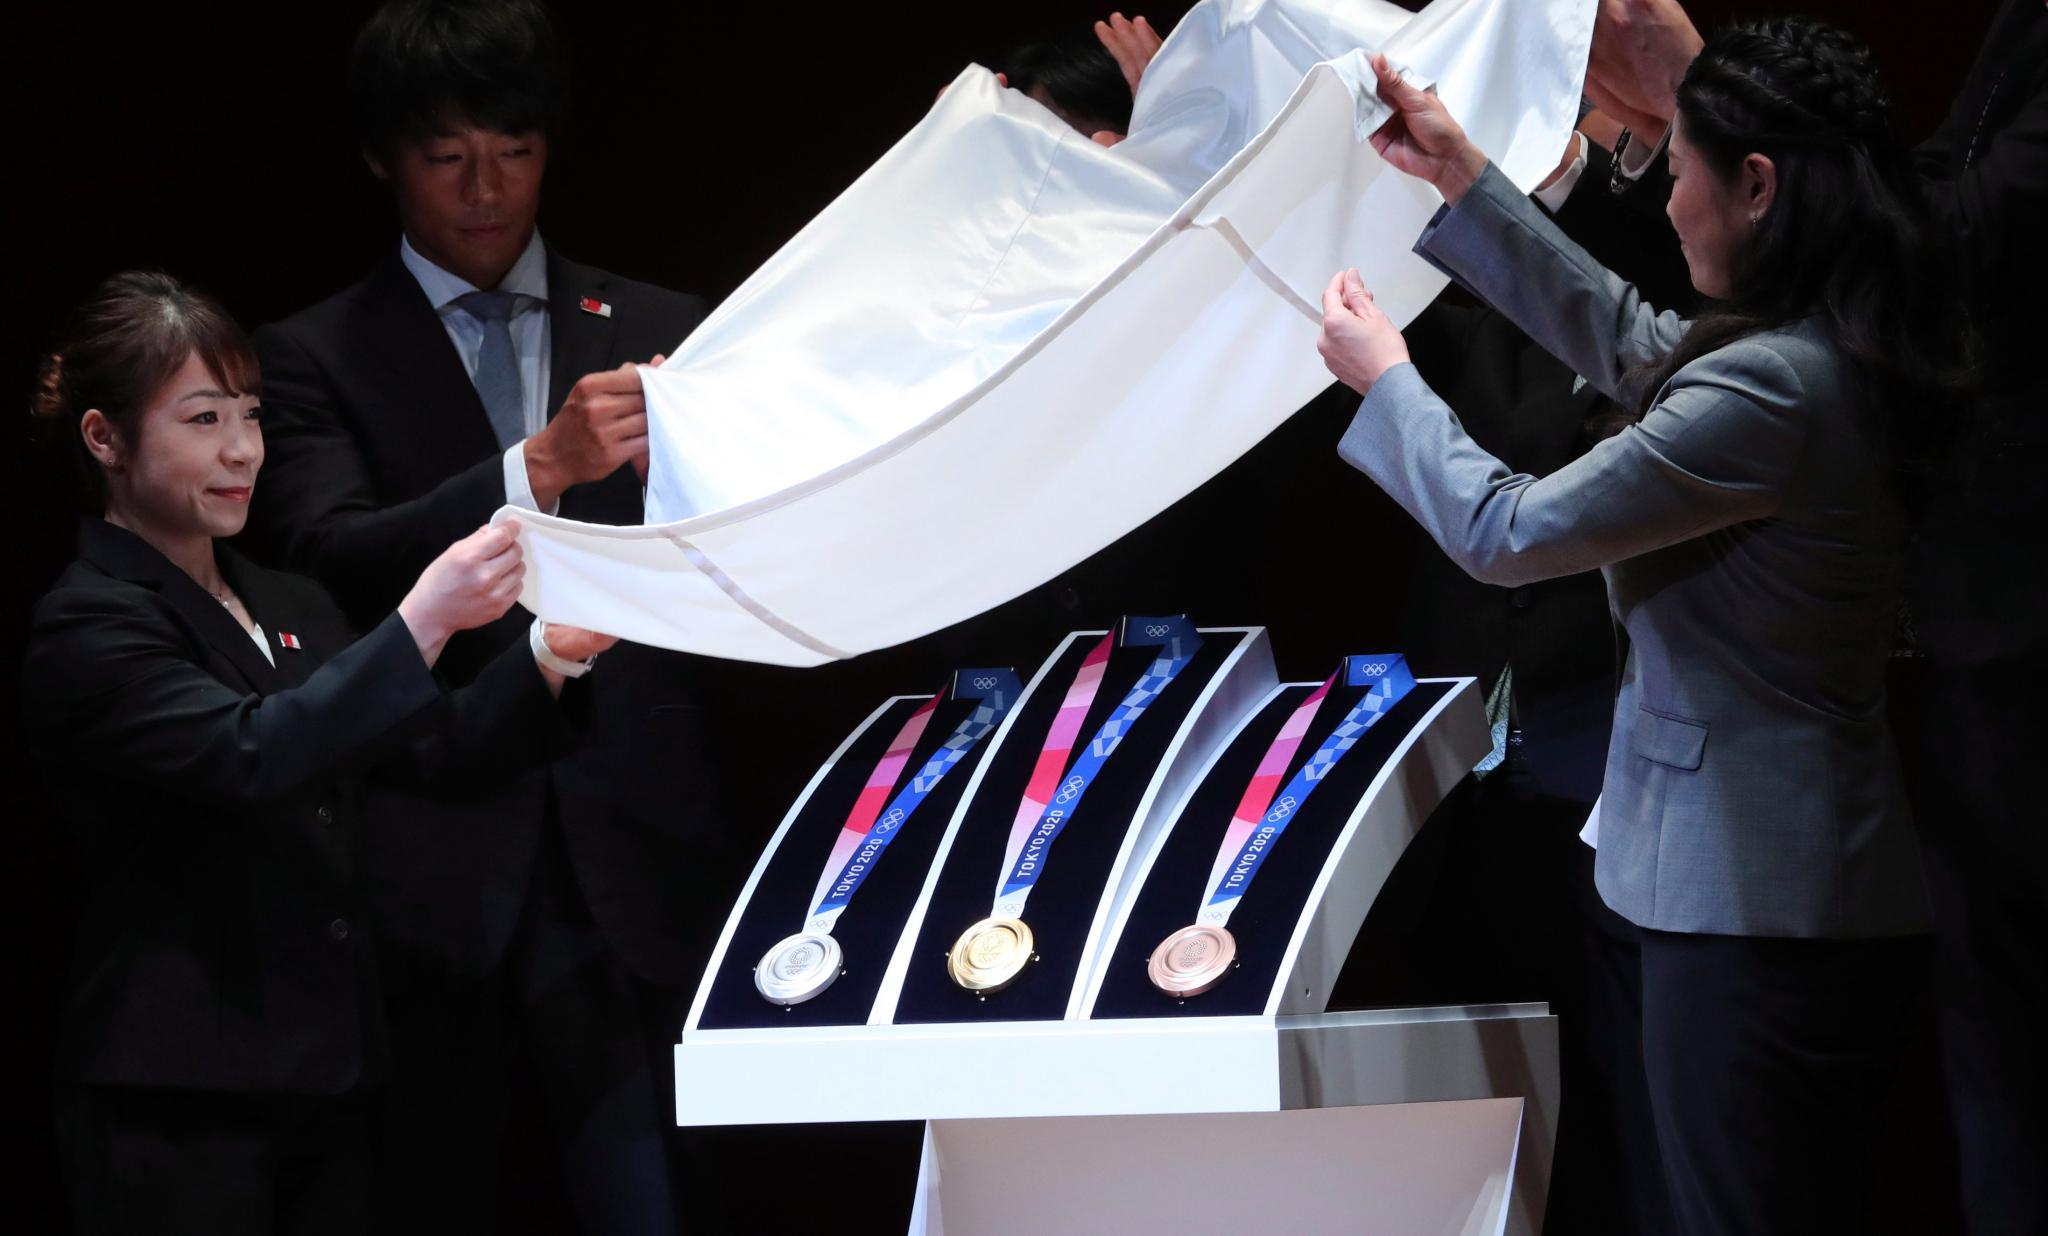 Deux personnes dévoilent des médailles